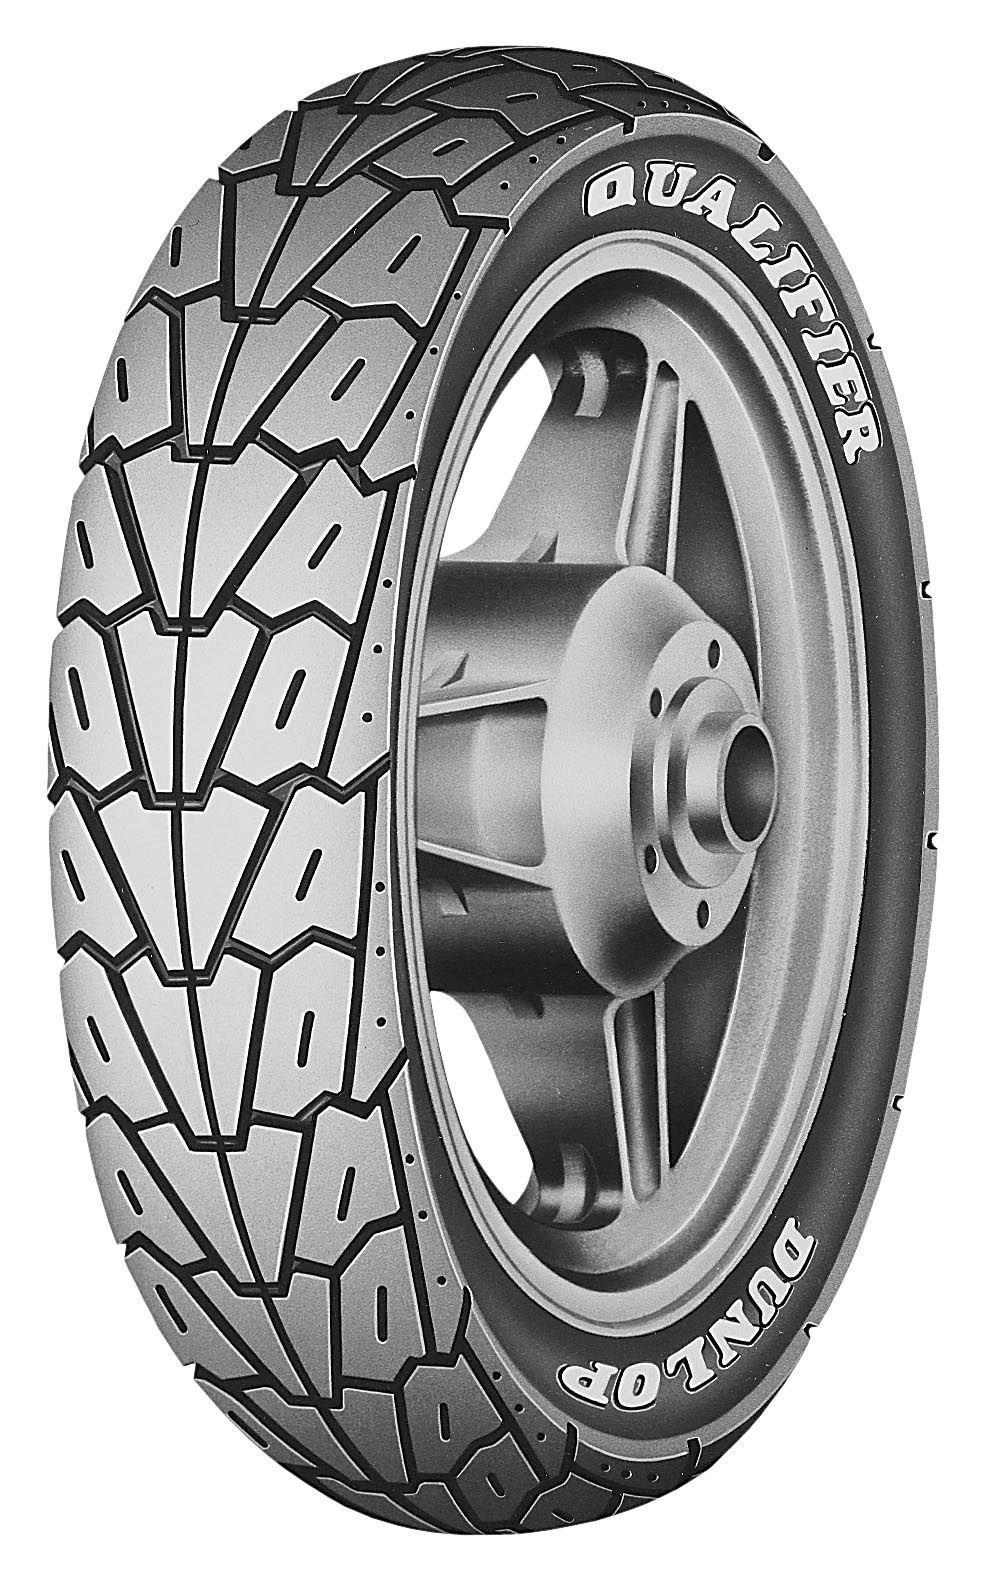 Dunlop K525 Qualifier V Max Rear Tires 34 96 53 Off